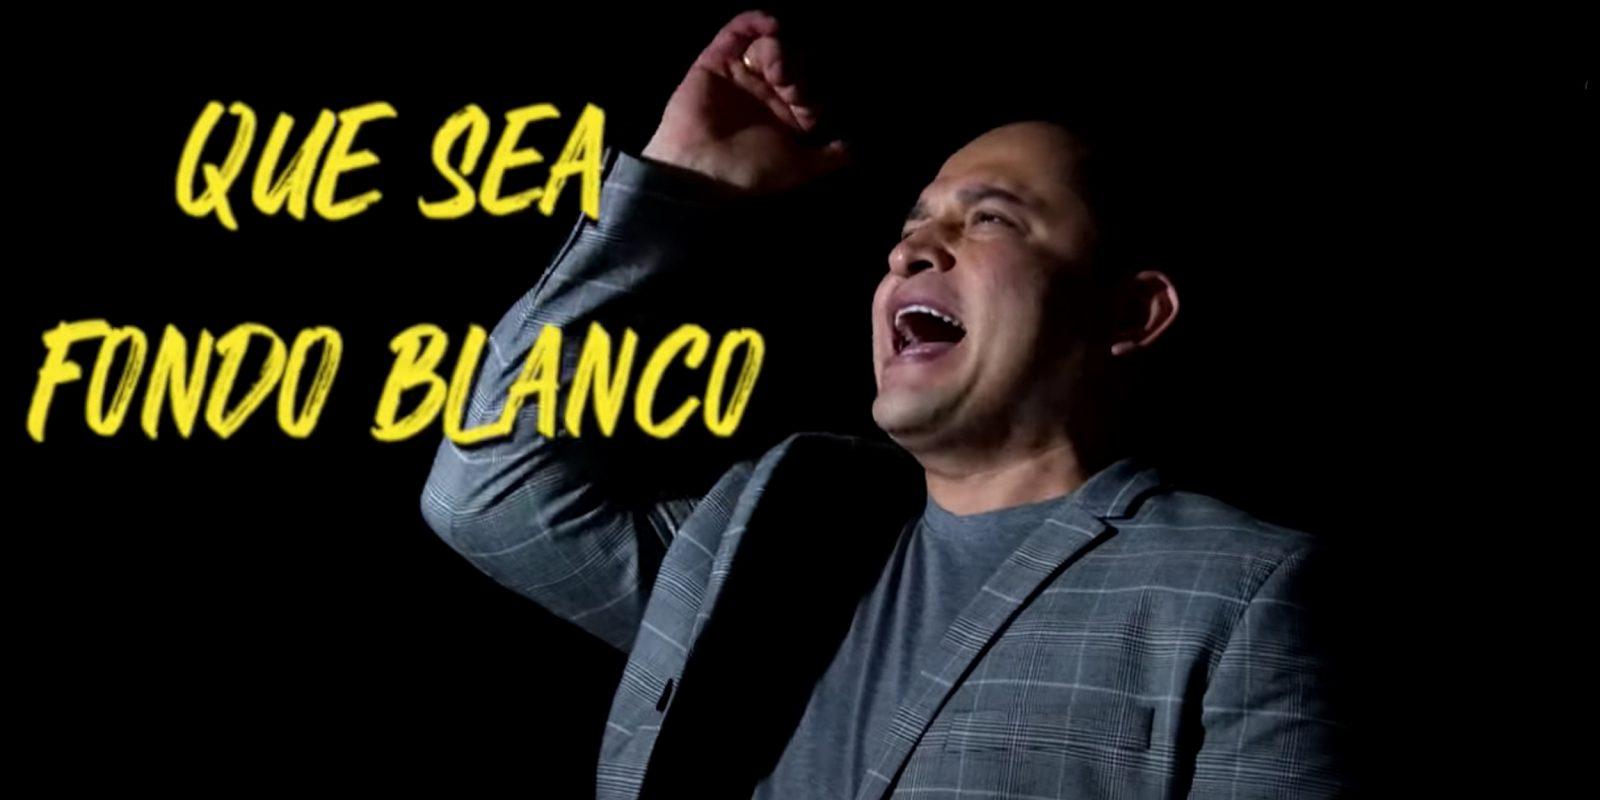 Fondo Blanco, lo nuevo de Freddy Burbano